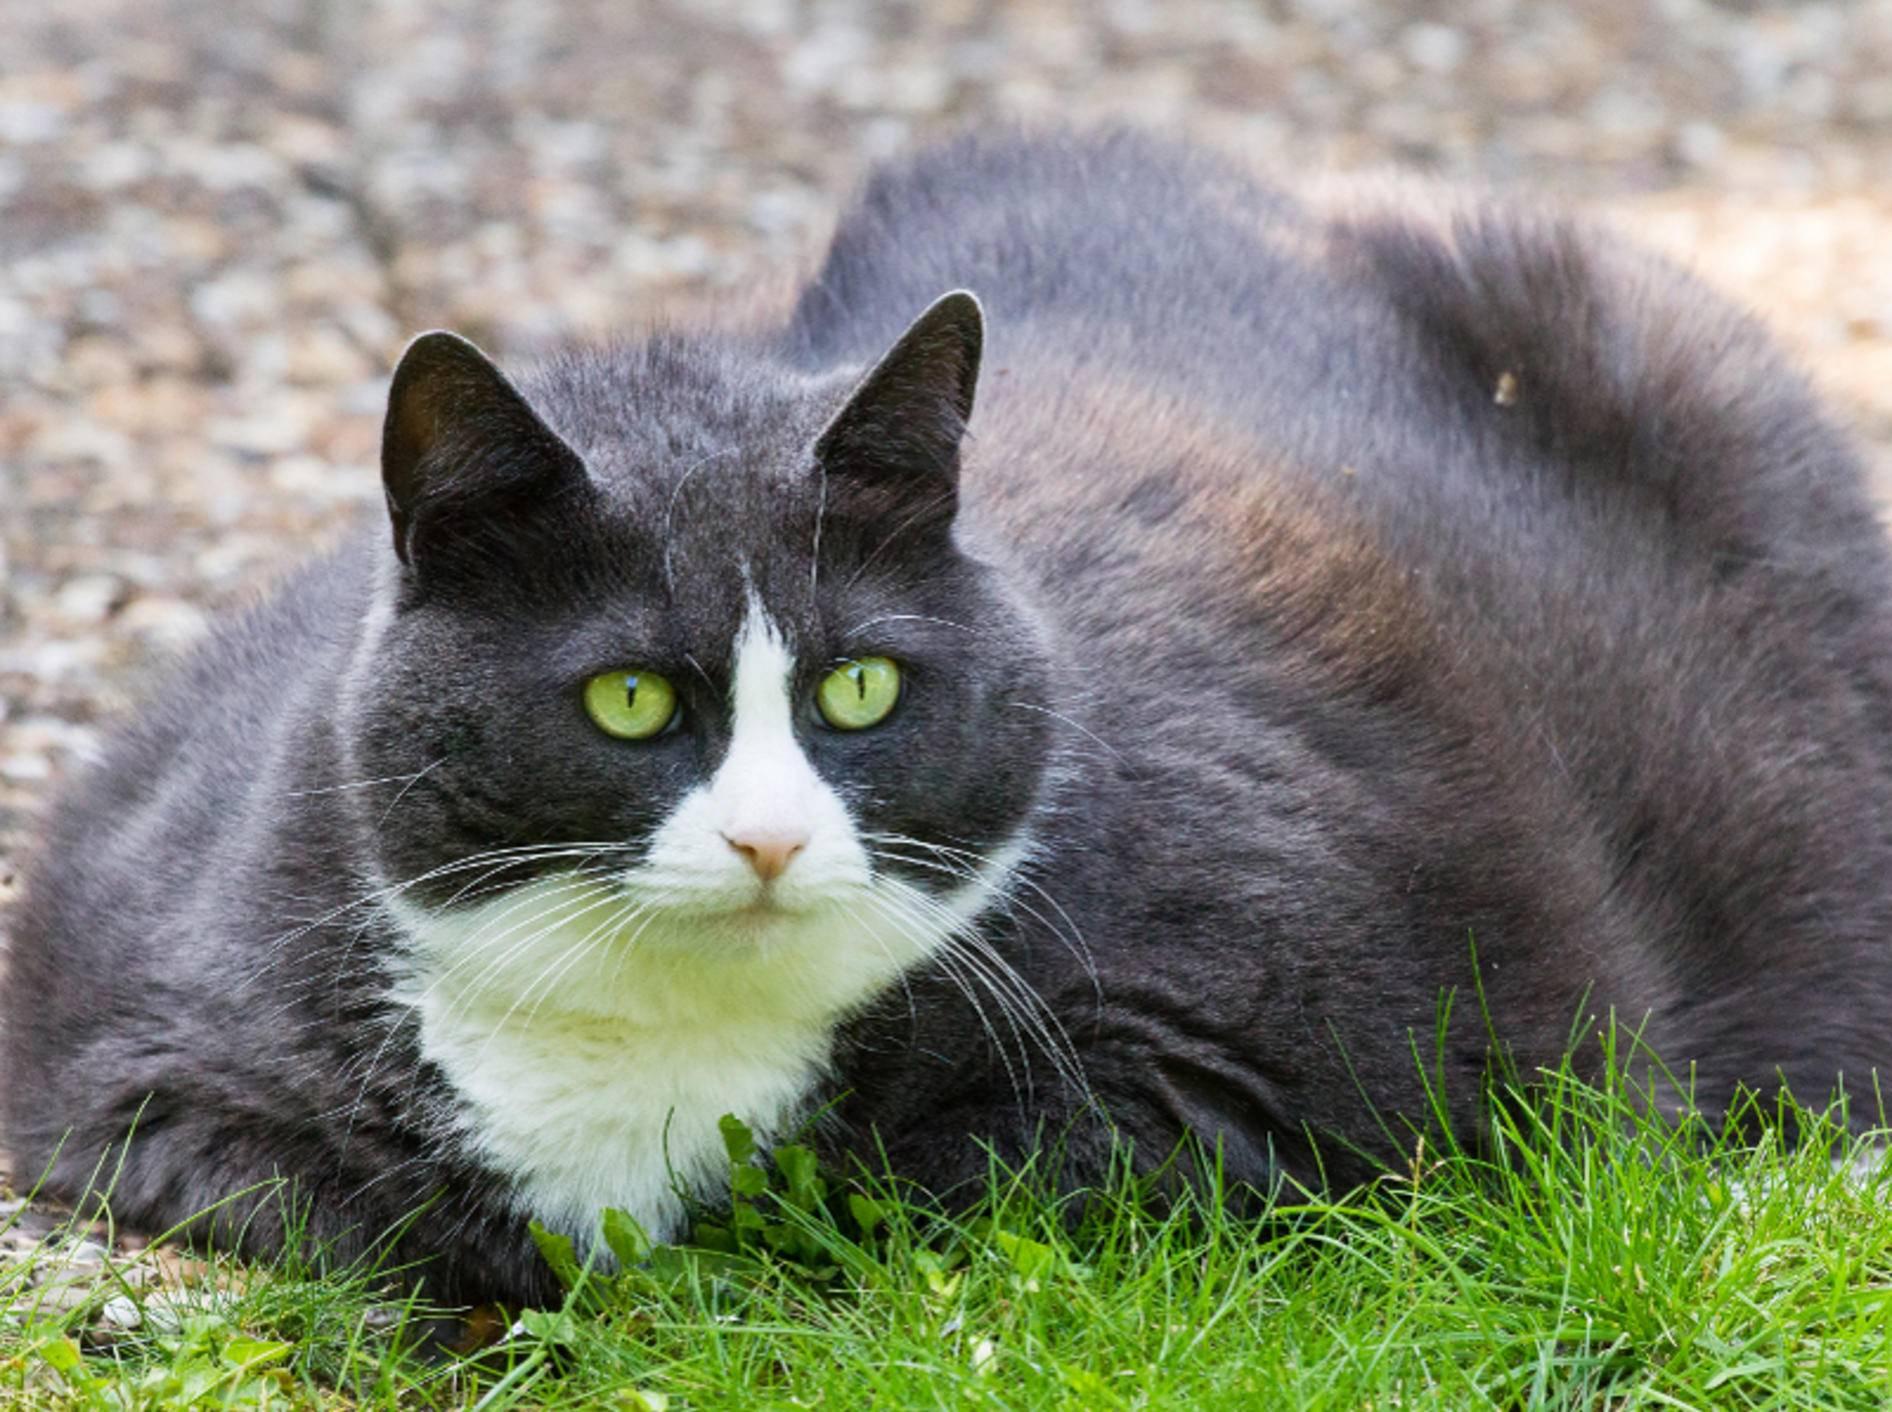 Übergewichtige Katzen haben vor allem draußen Defizite gegenüber schlanken, beweglicheren Katzen – Shutterstock / Dennis van de Water